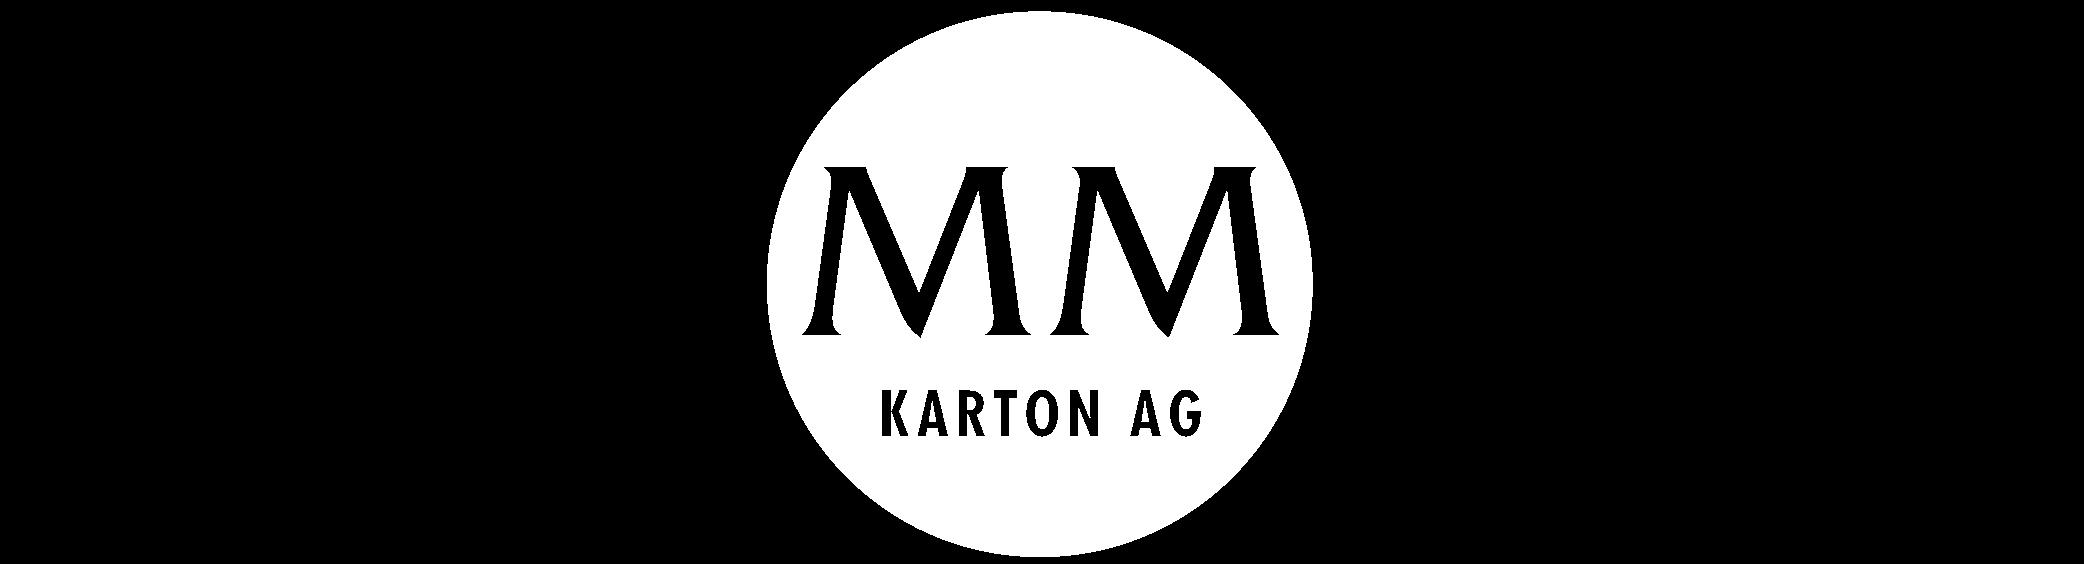 MM Karton AG